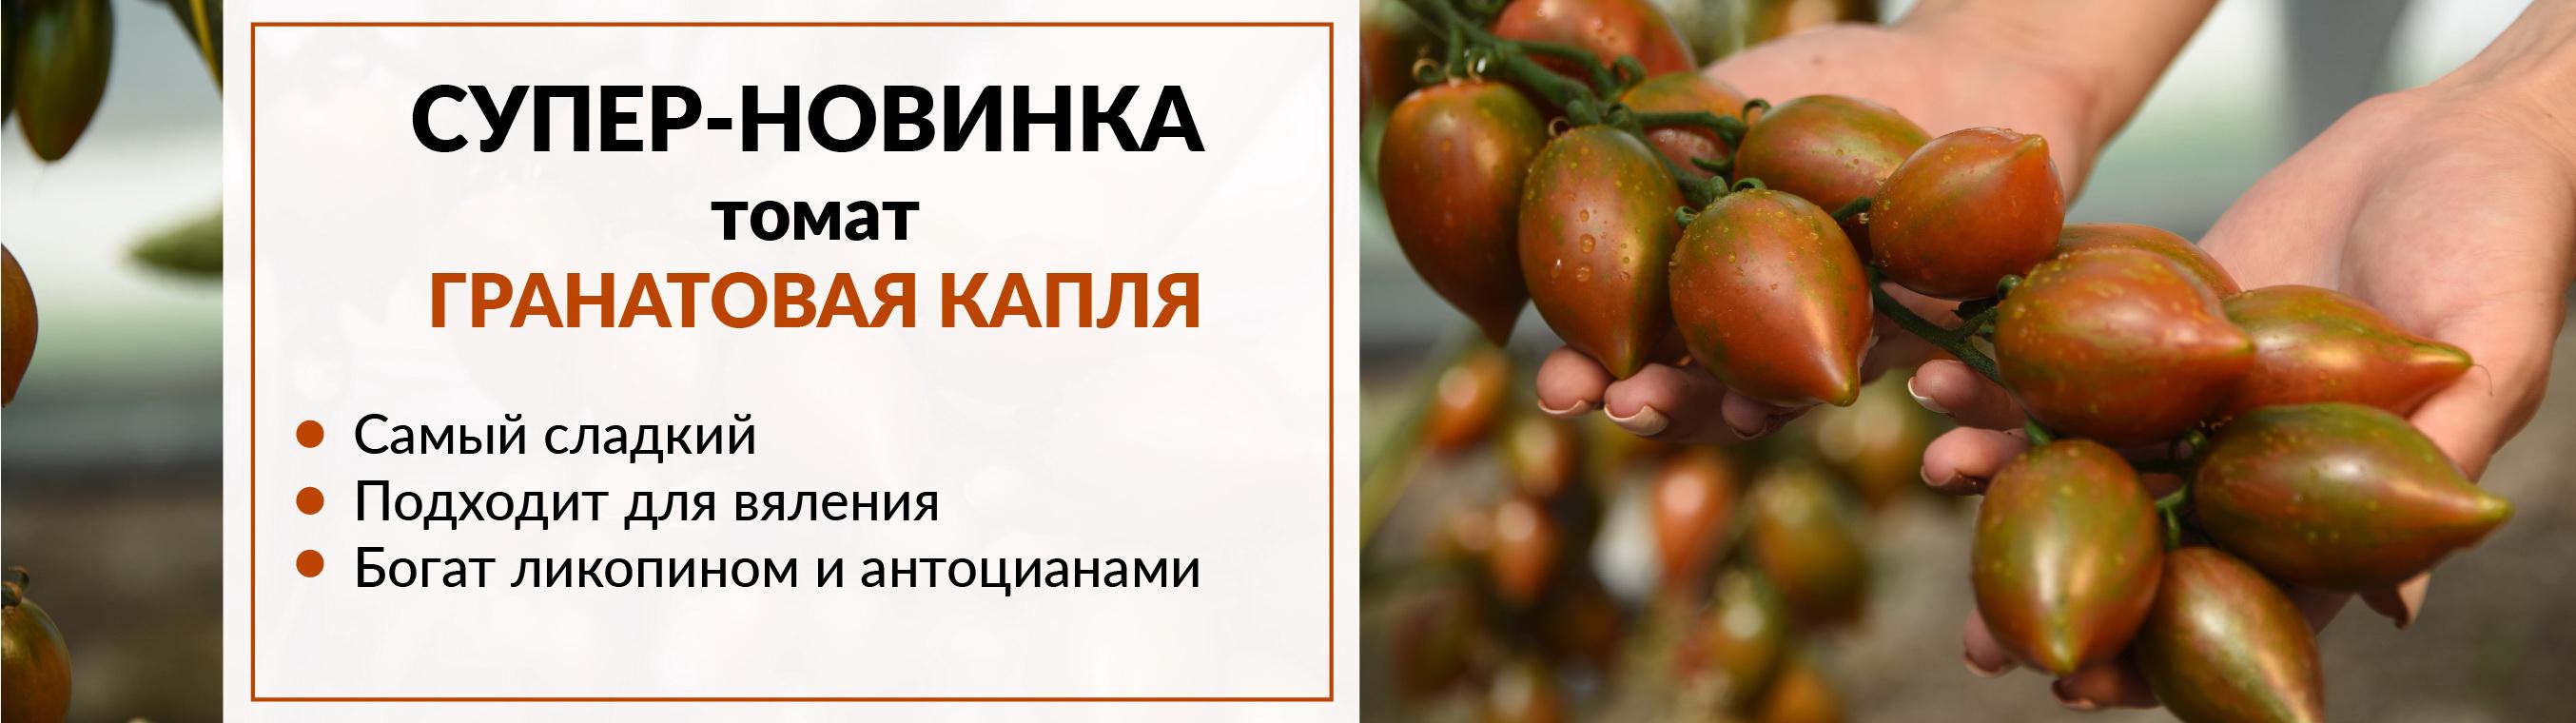 заказать наложенным платежом детский батут в москве